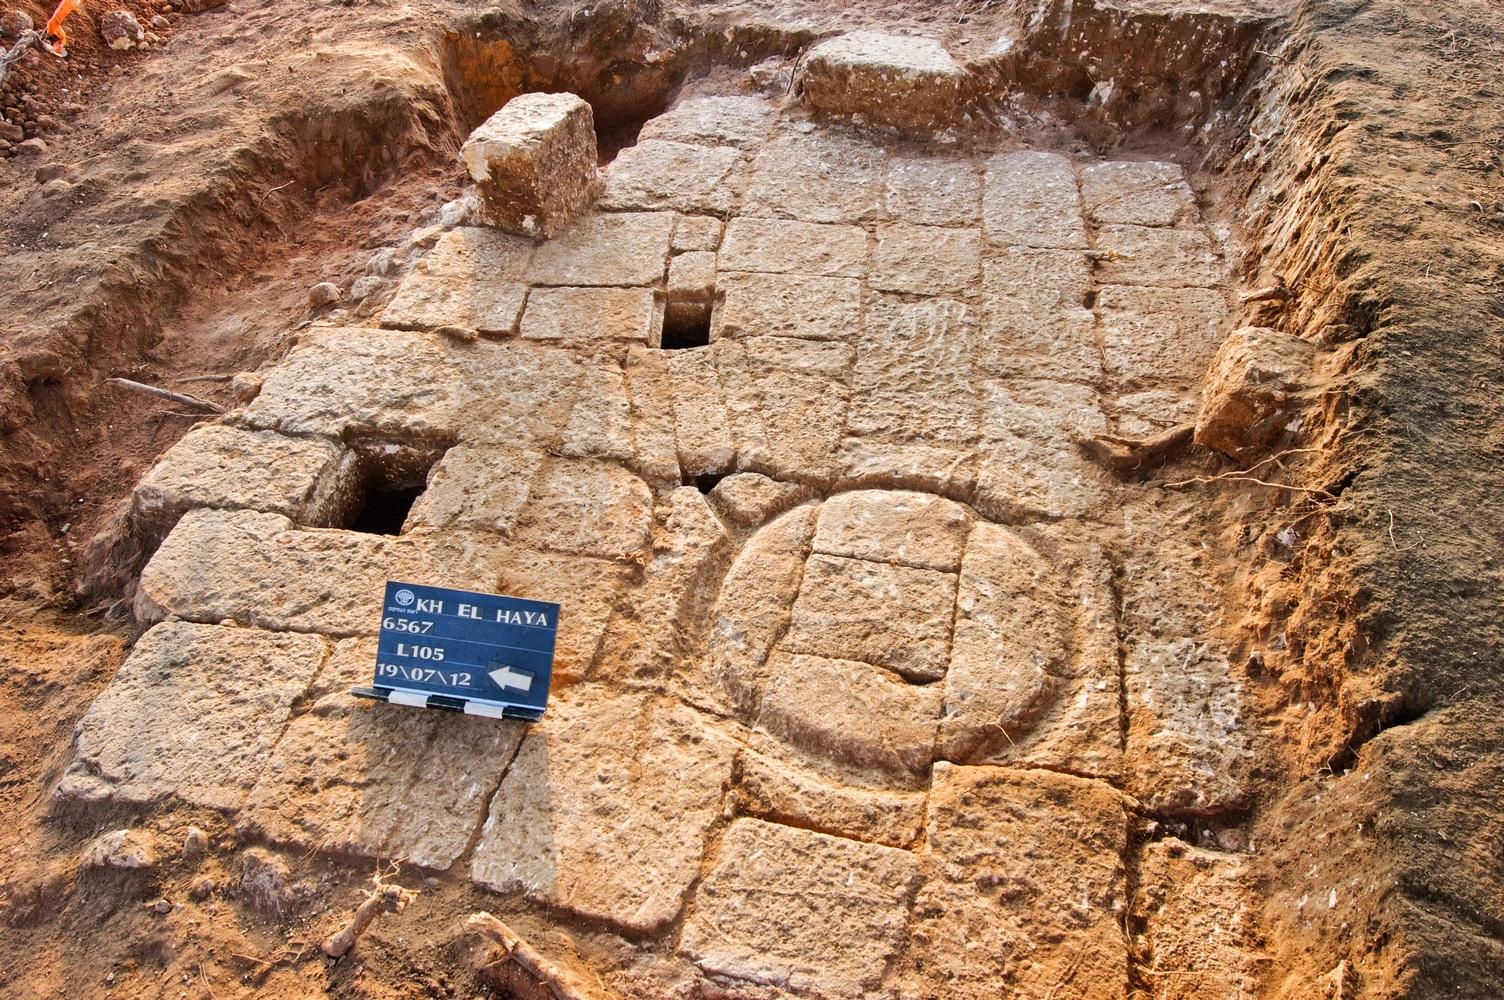 בית הבד שנחשף בחפירות בהוד השרון - צילום: דוראר מסראווה, באדיבות רשות העתיקות